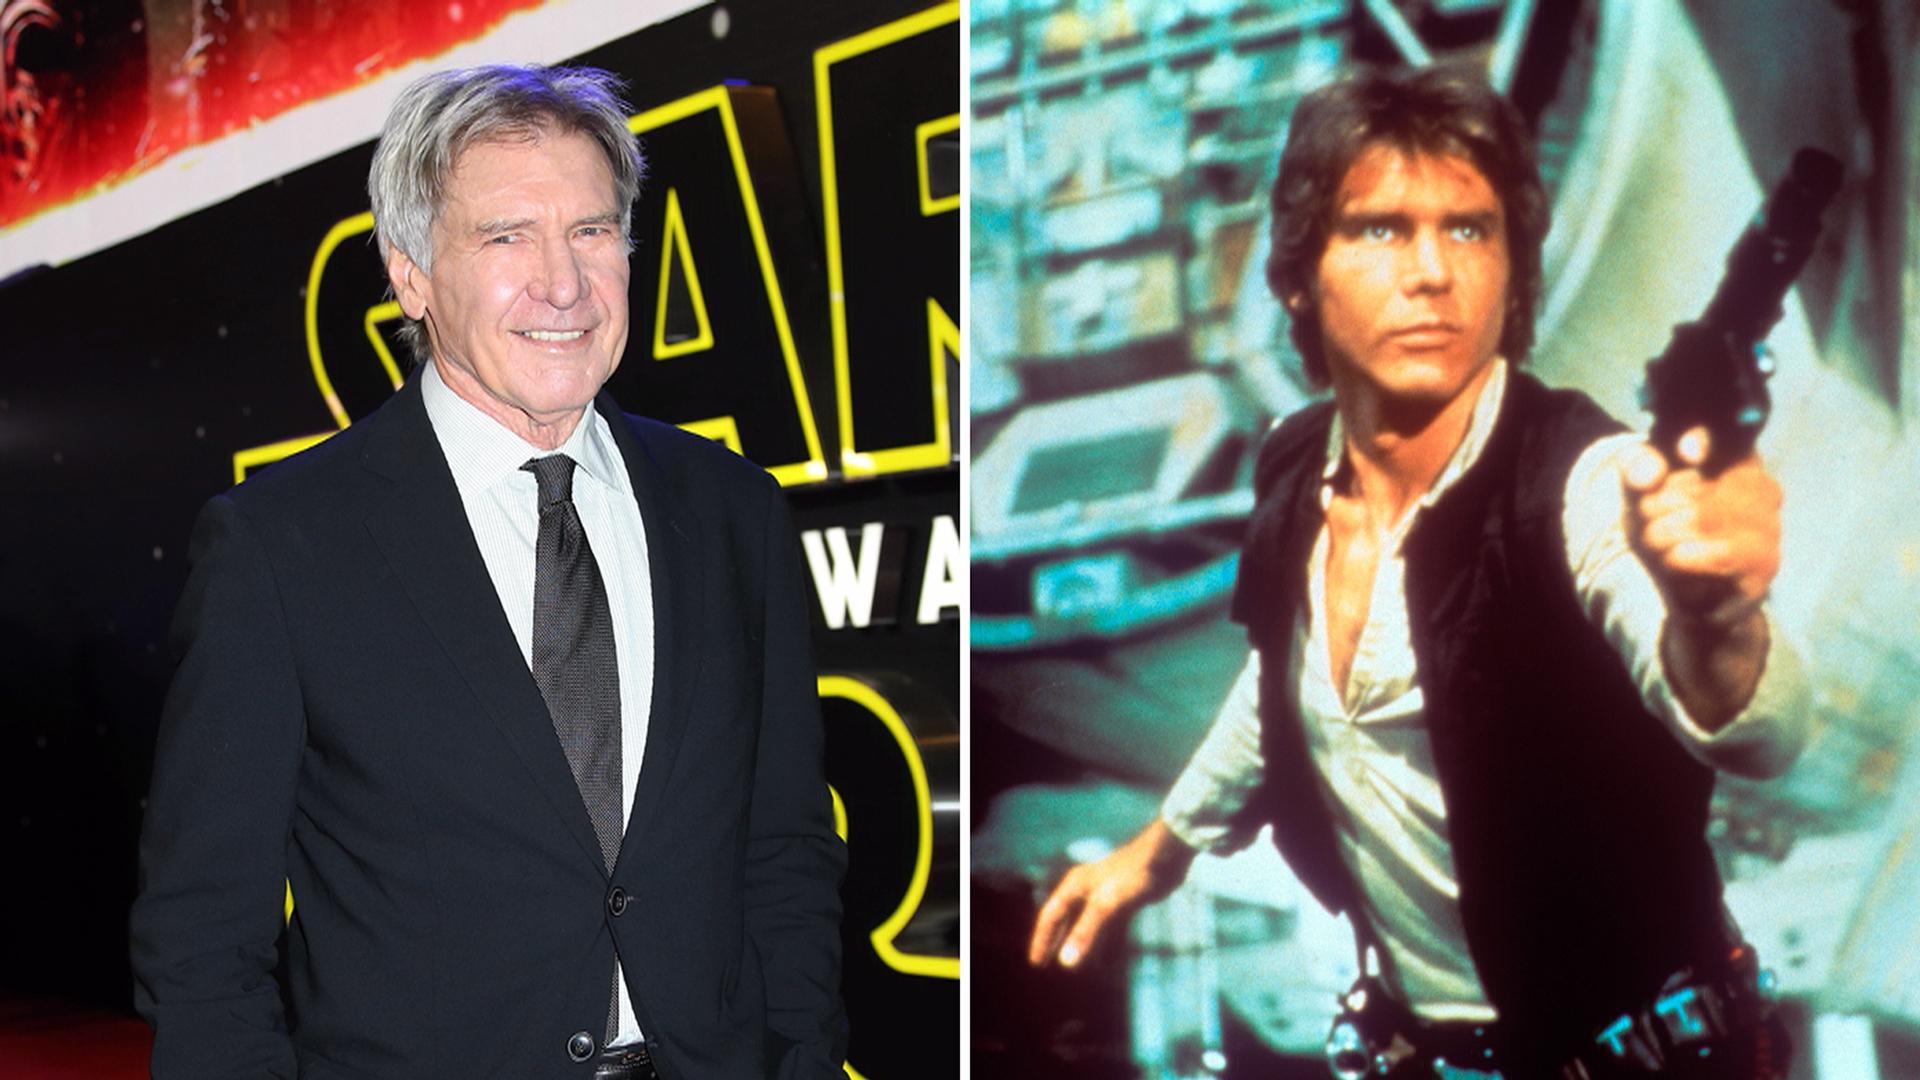 Harrison Ford Before Star Wars Vintage Shirtless Shot Goes Viral